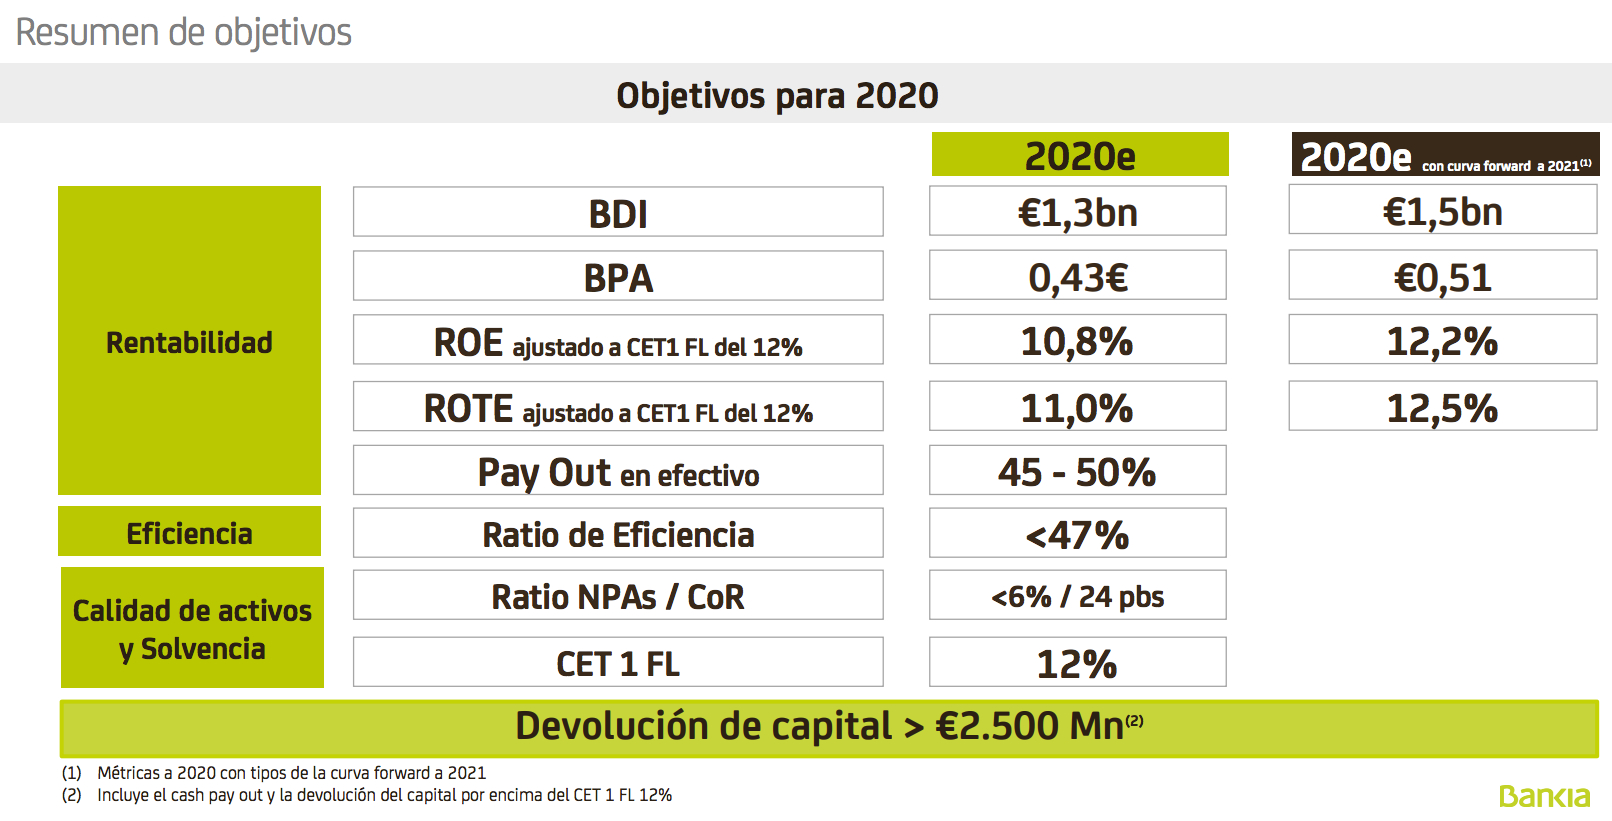 plan estratégico bankia